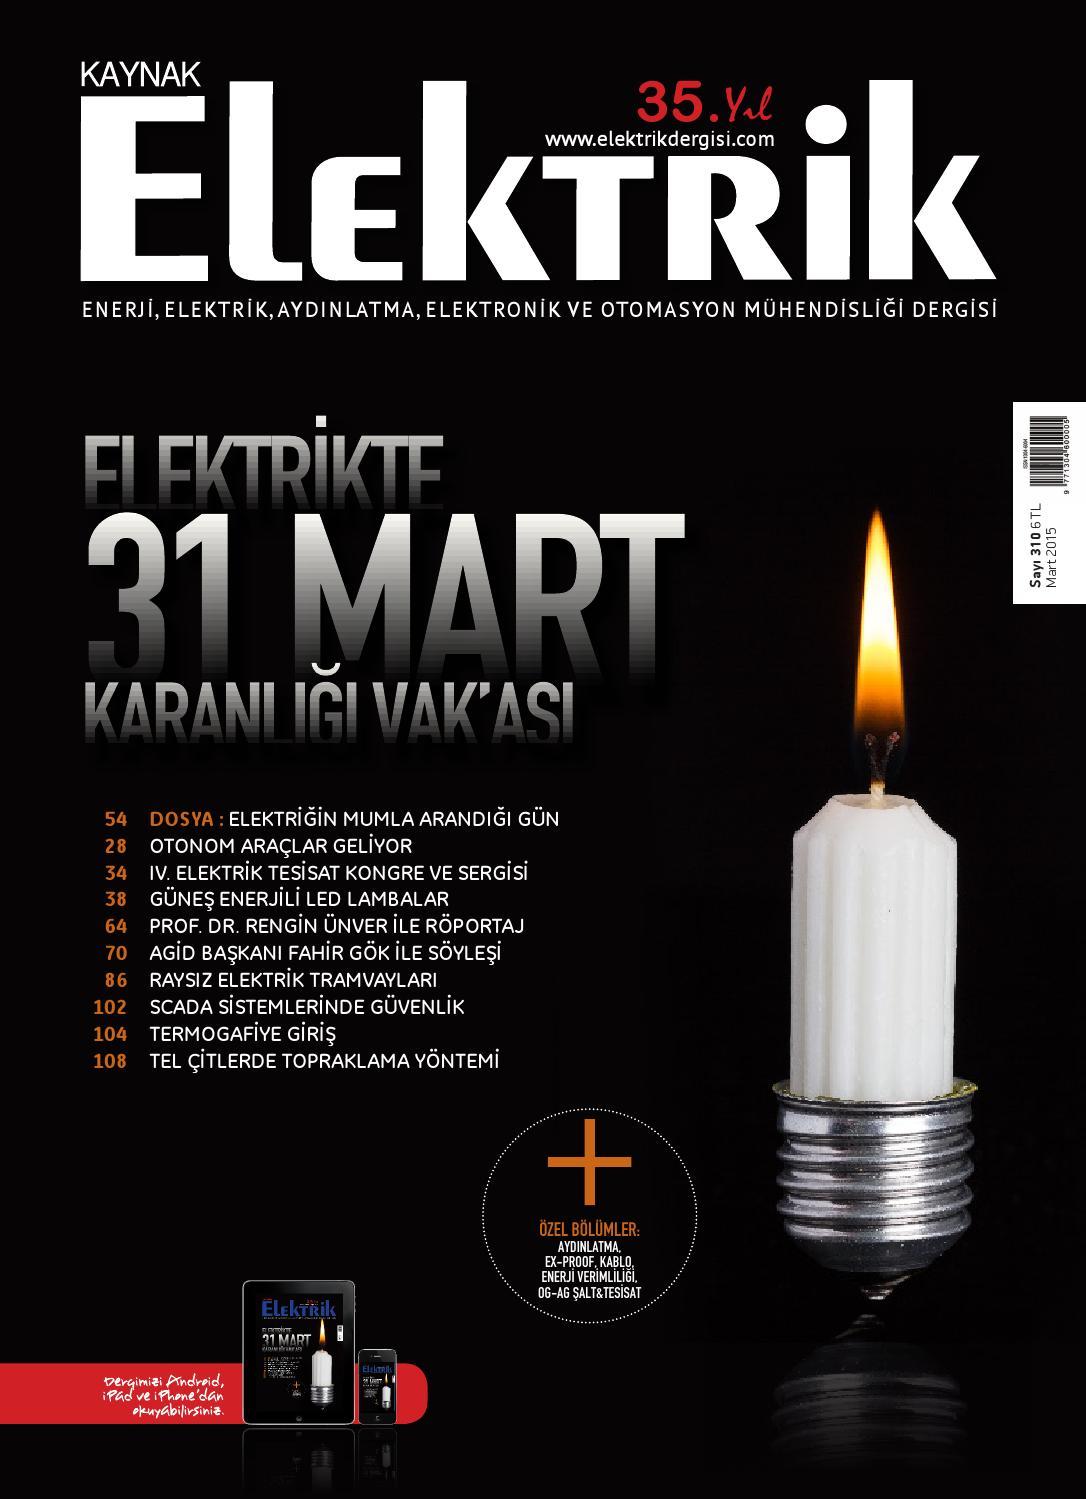 Vorkuta ve Syktyvkar Piskopos: tanımı, tarihçesi, özellikleri ve ilginç gerçekleri 54